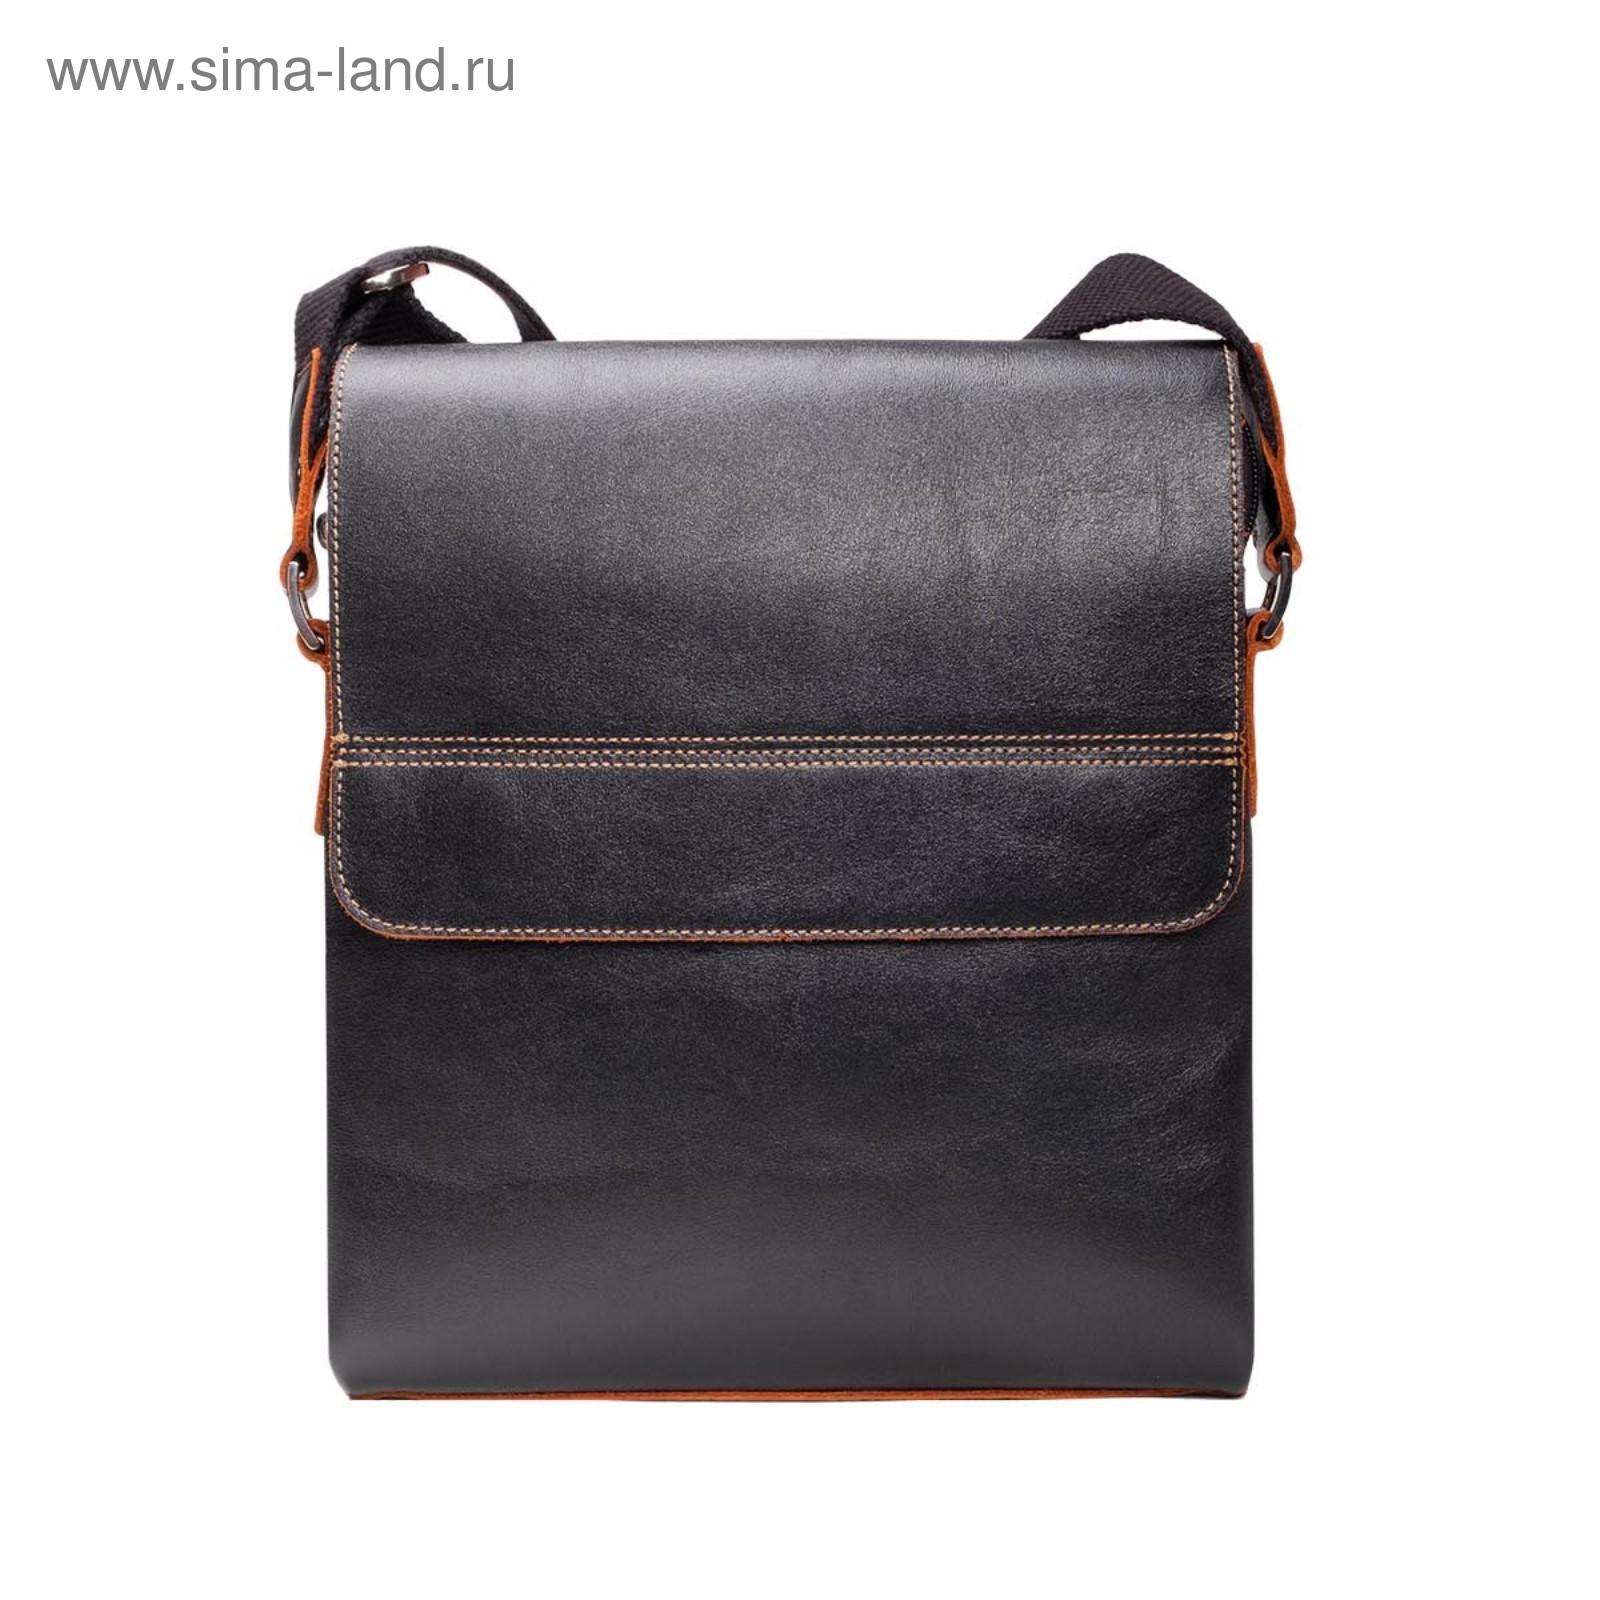 3311d0787204 Сумка мужская Fabula S.361.TXF, чёрный (4417159) - Купить по цене от ...